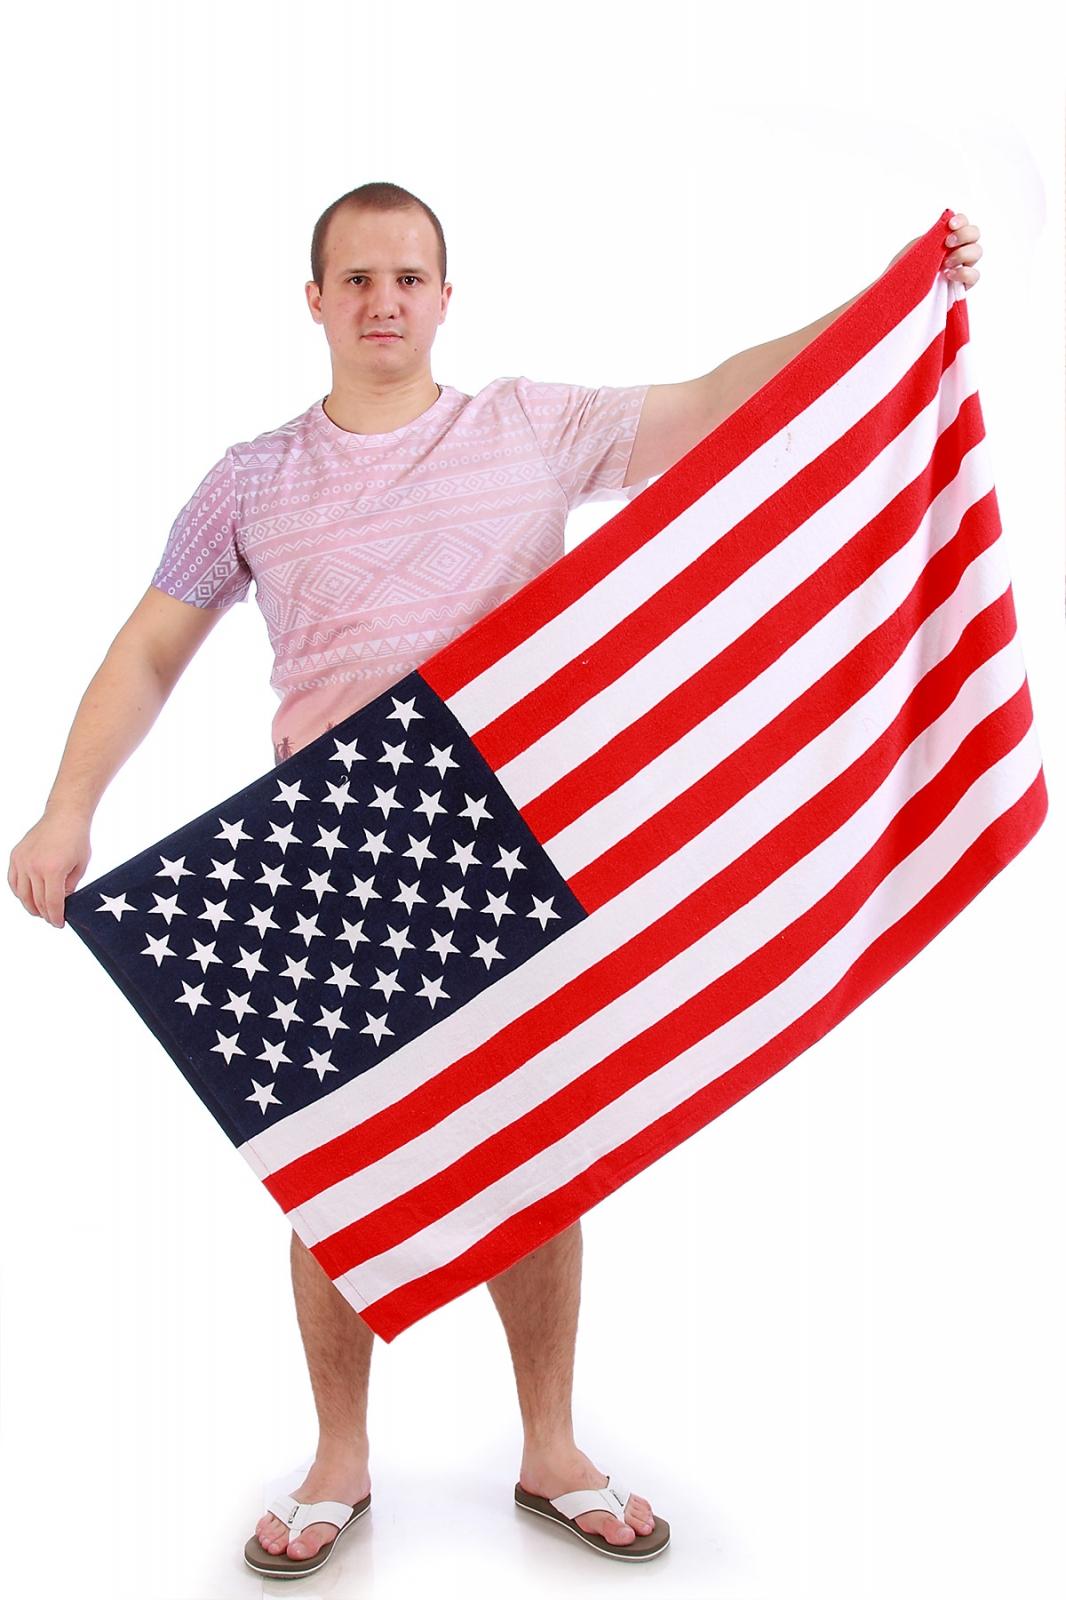 Полотенце флаг - заказать с доставкой